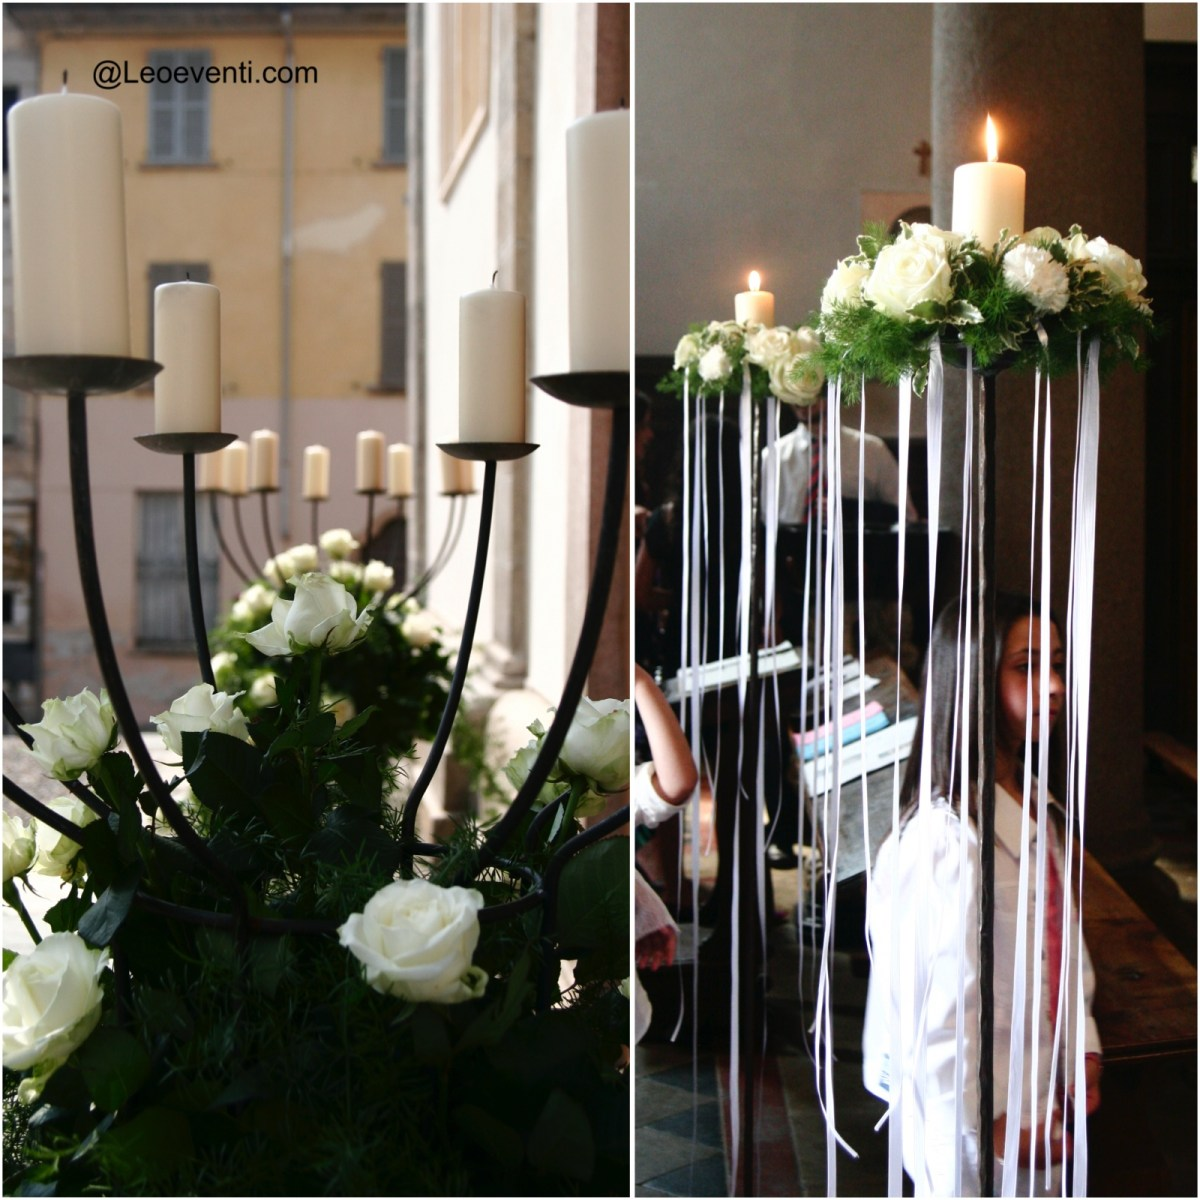 Fun Wedding Decor Church Wedding Decorations Ideas For Your Wedding In Italy Leo Eventi